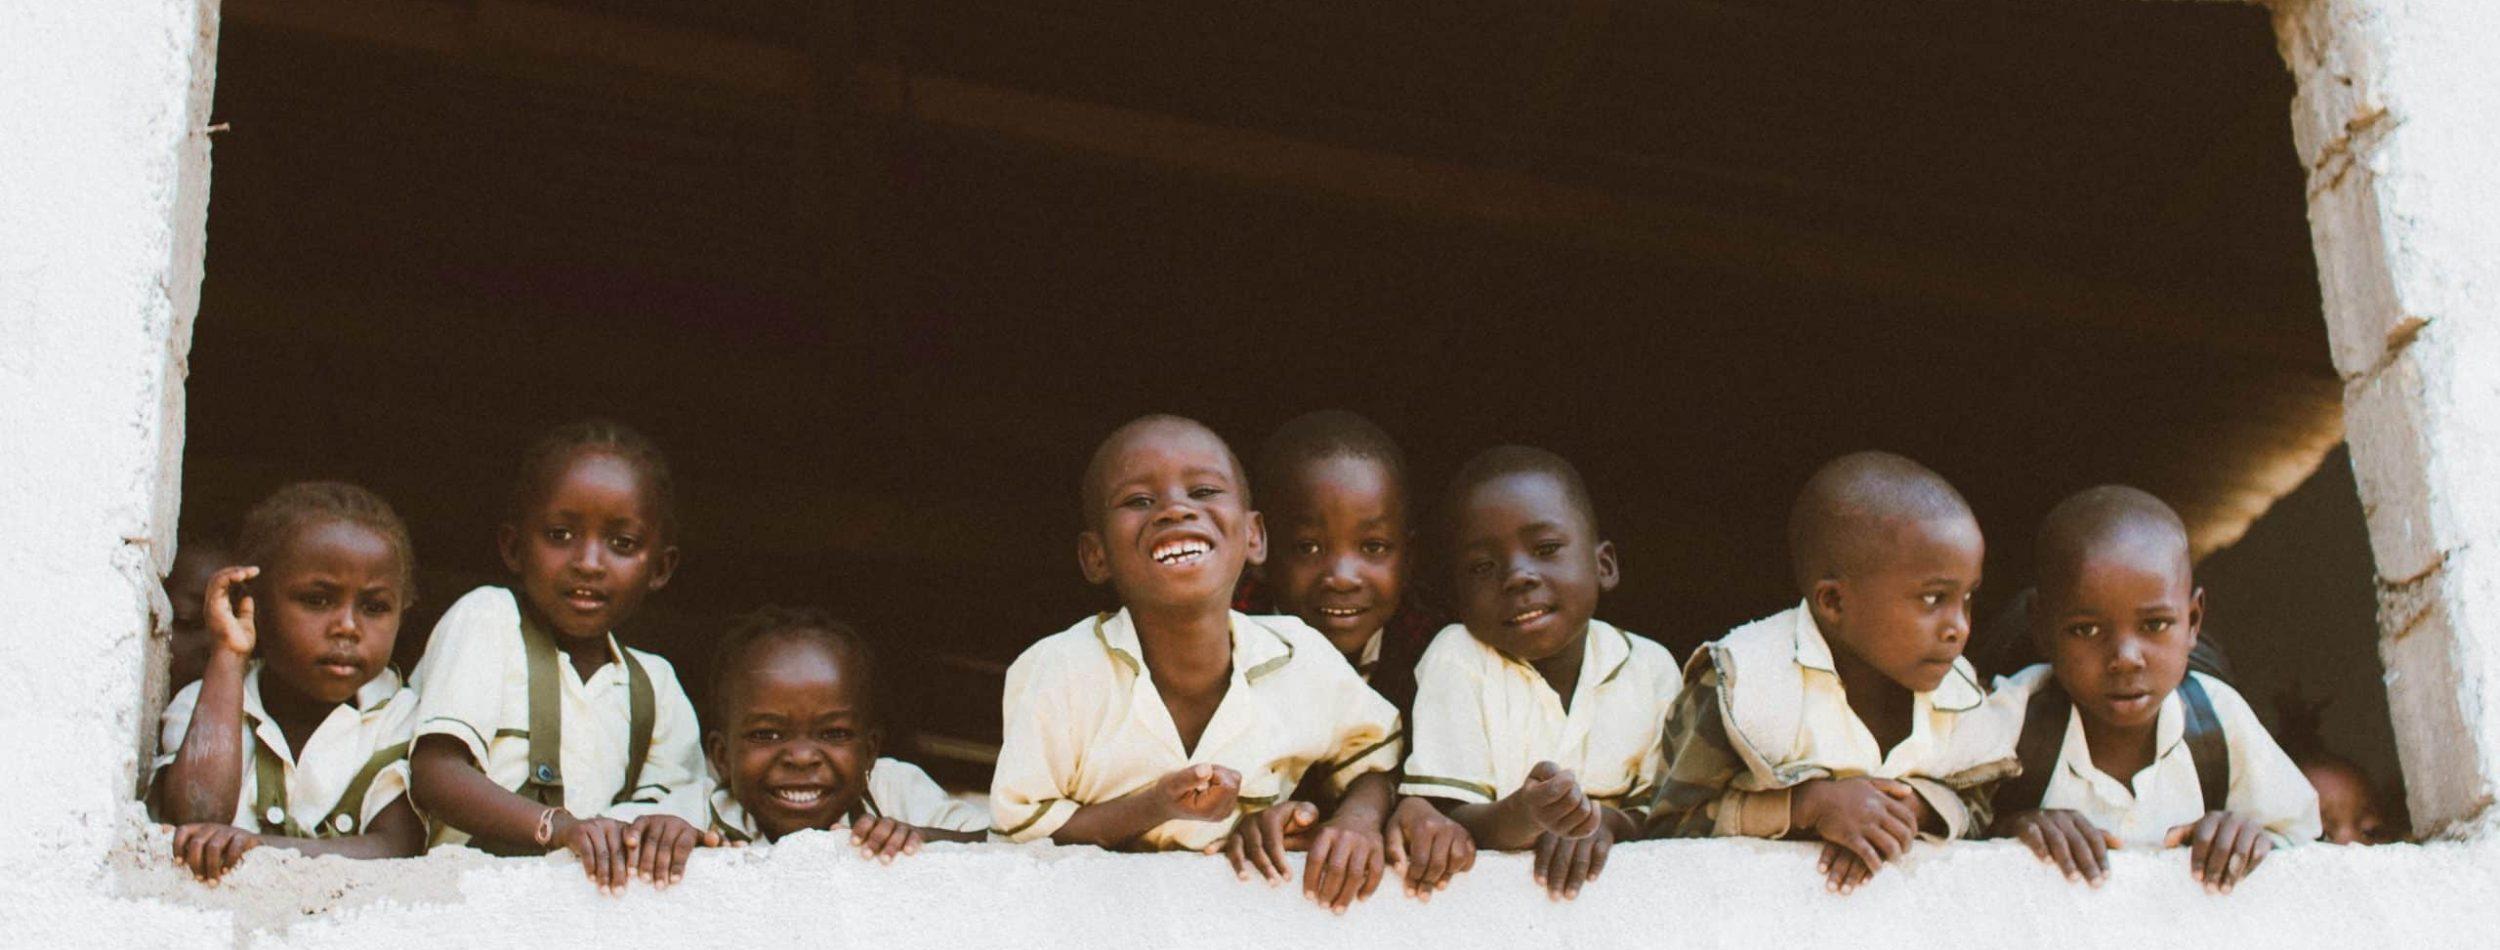 Afrique & Développement